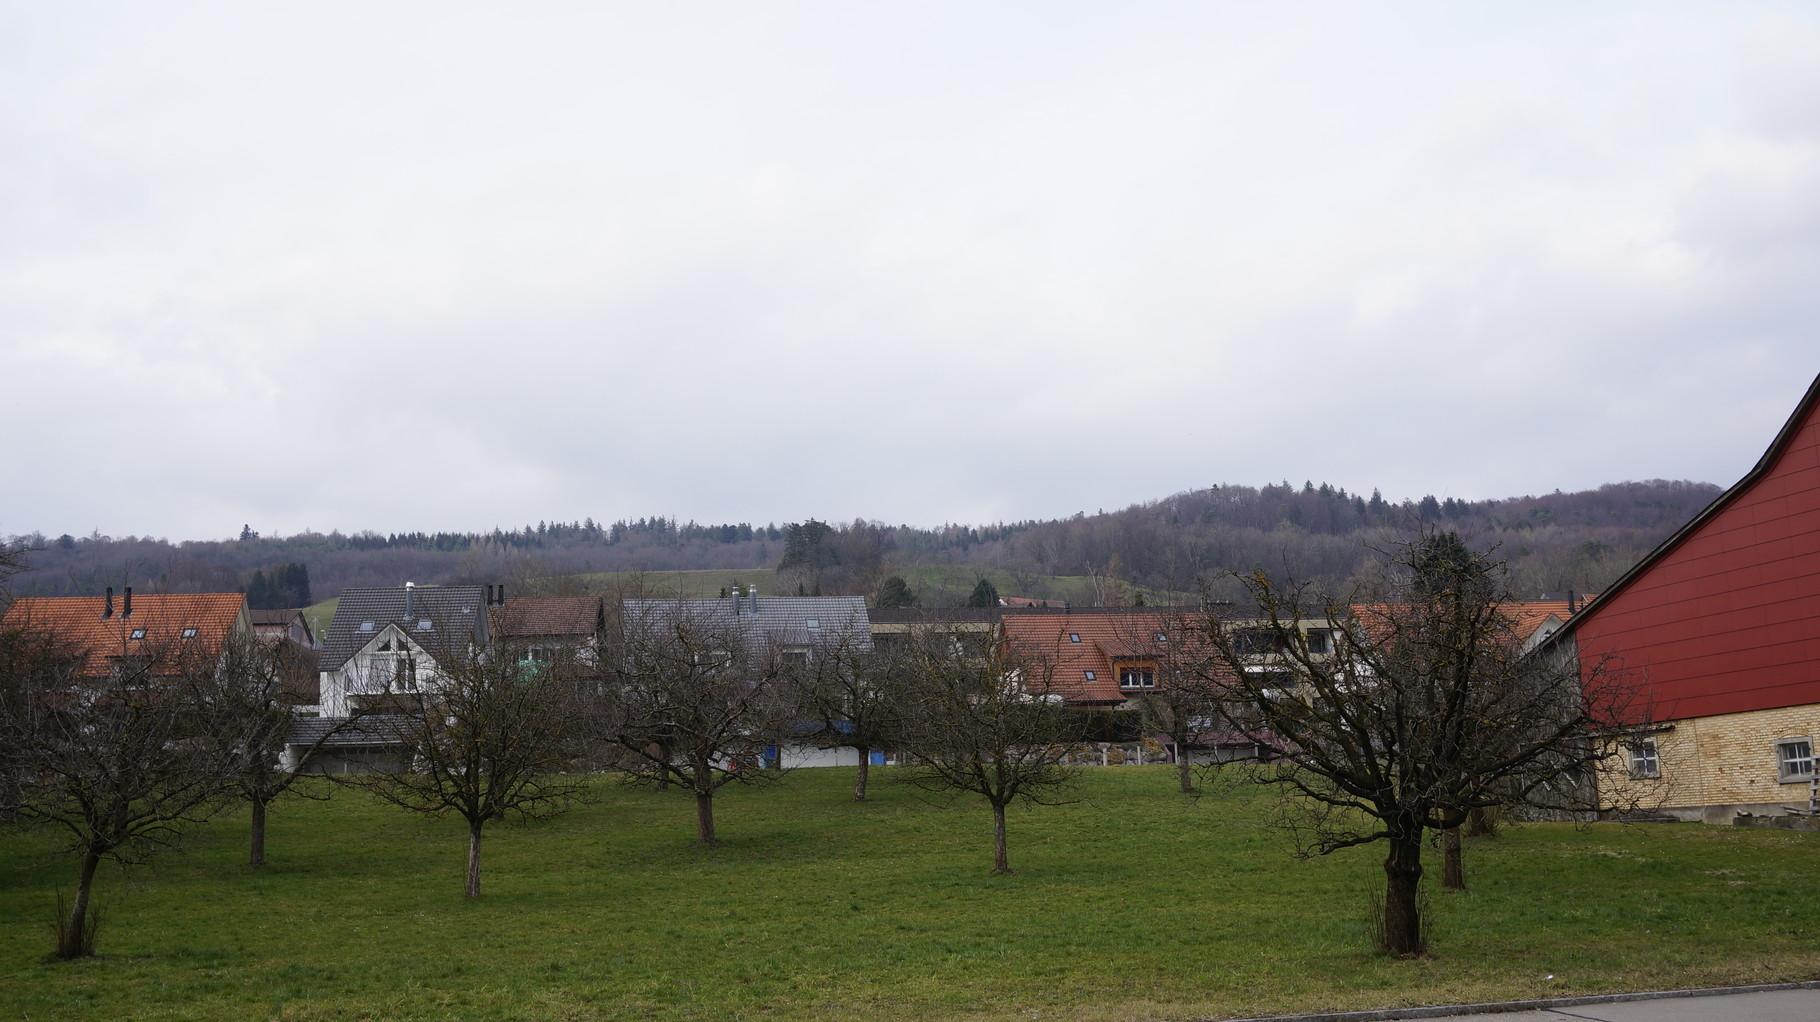 2016::Foto am selben Ort wie der MCB 1960::Sind das immer noch dieselben Bäume?